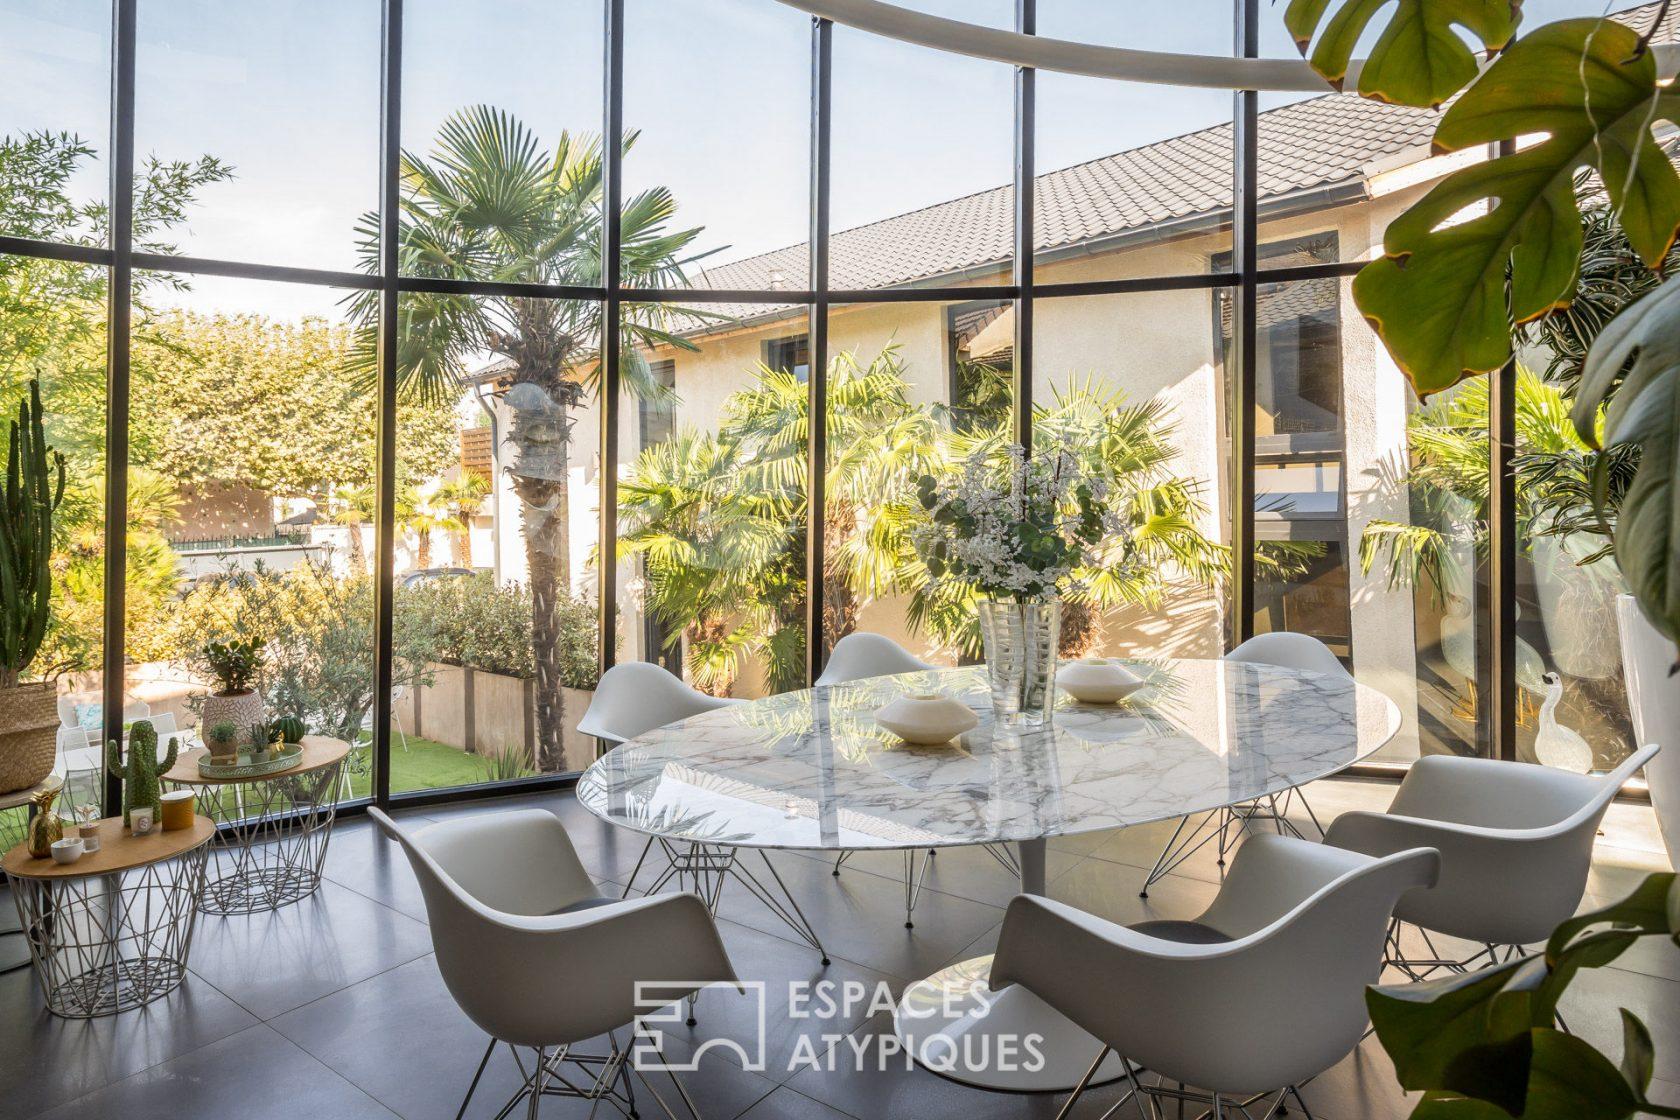 Maison D Architecte Avec Terrasse Espaces Atypiques